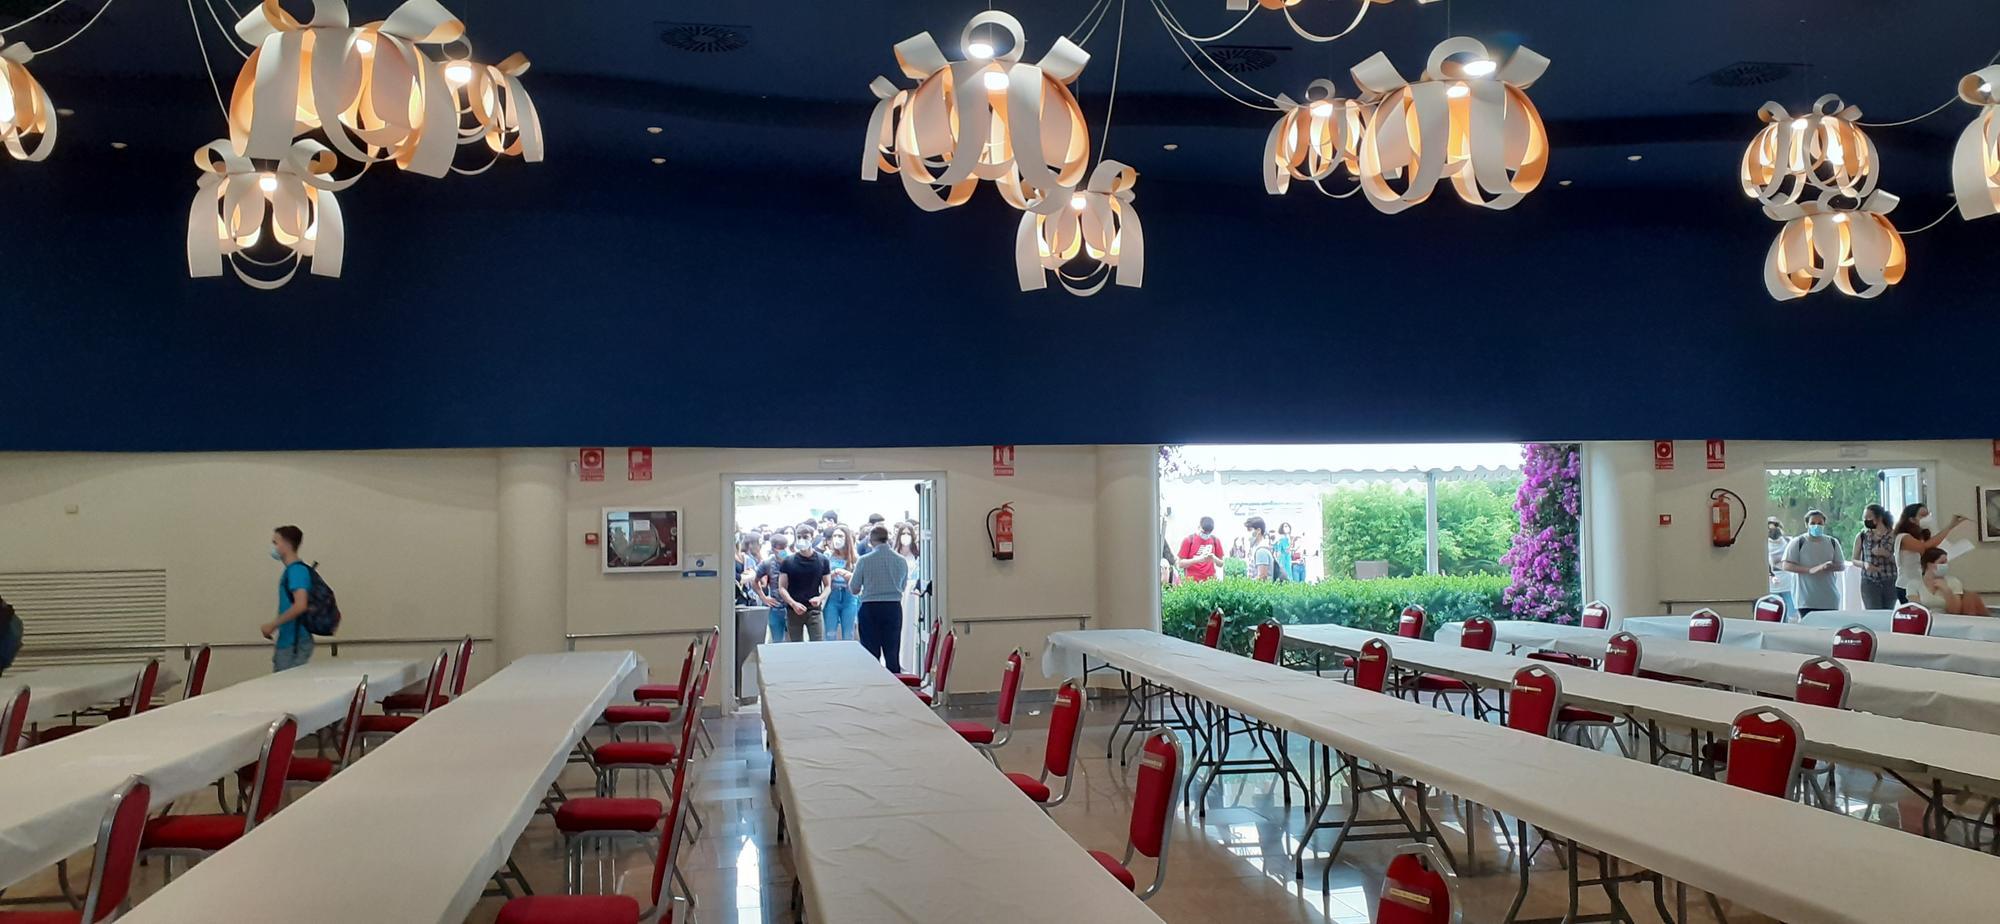 Así ha sido la primera jornada de las PAU en una sala de banquetes